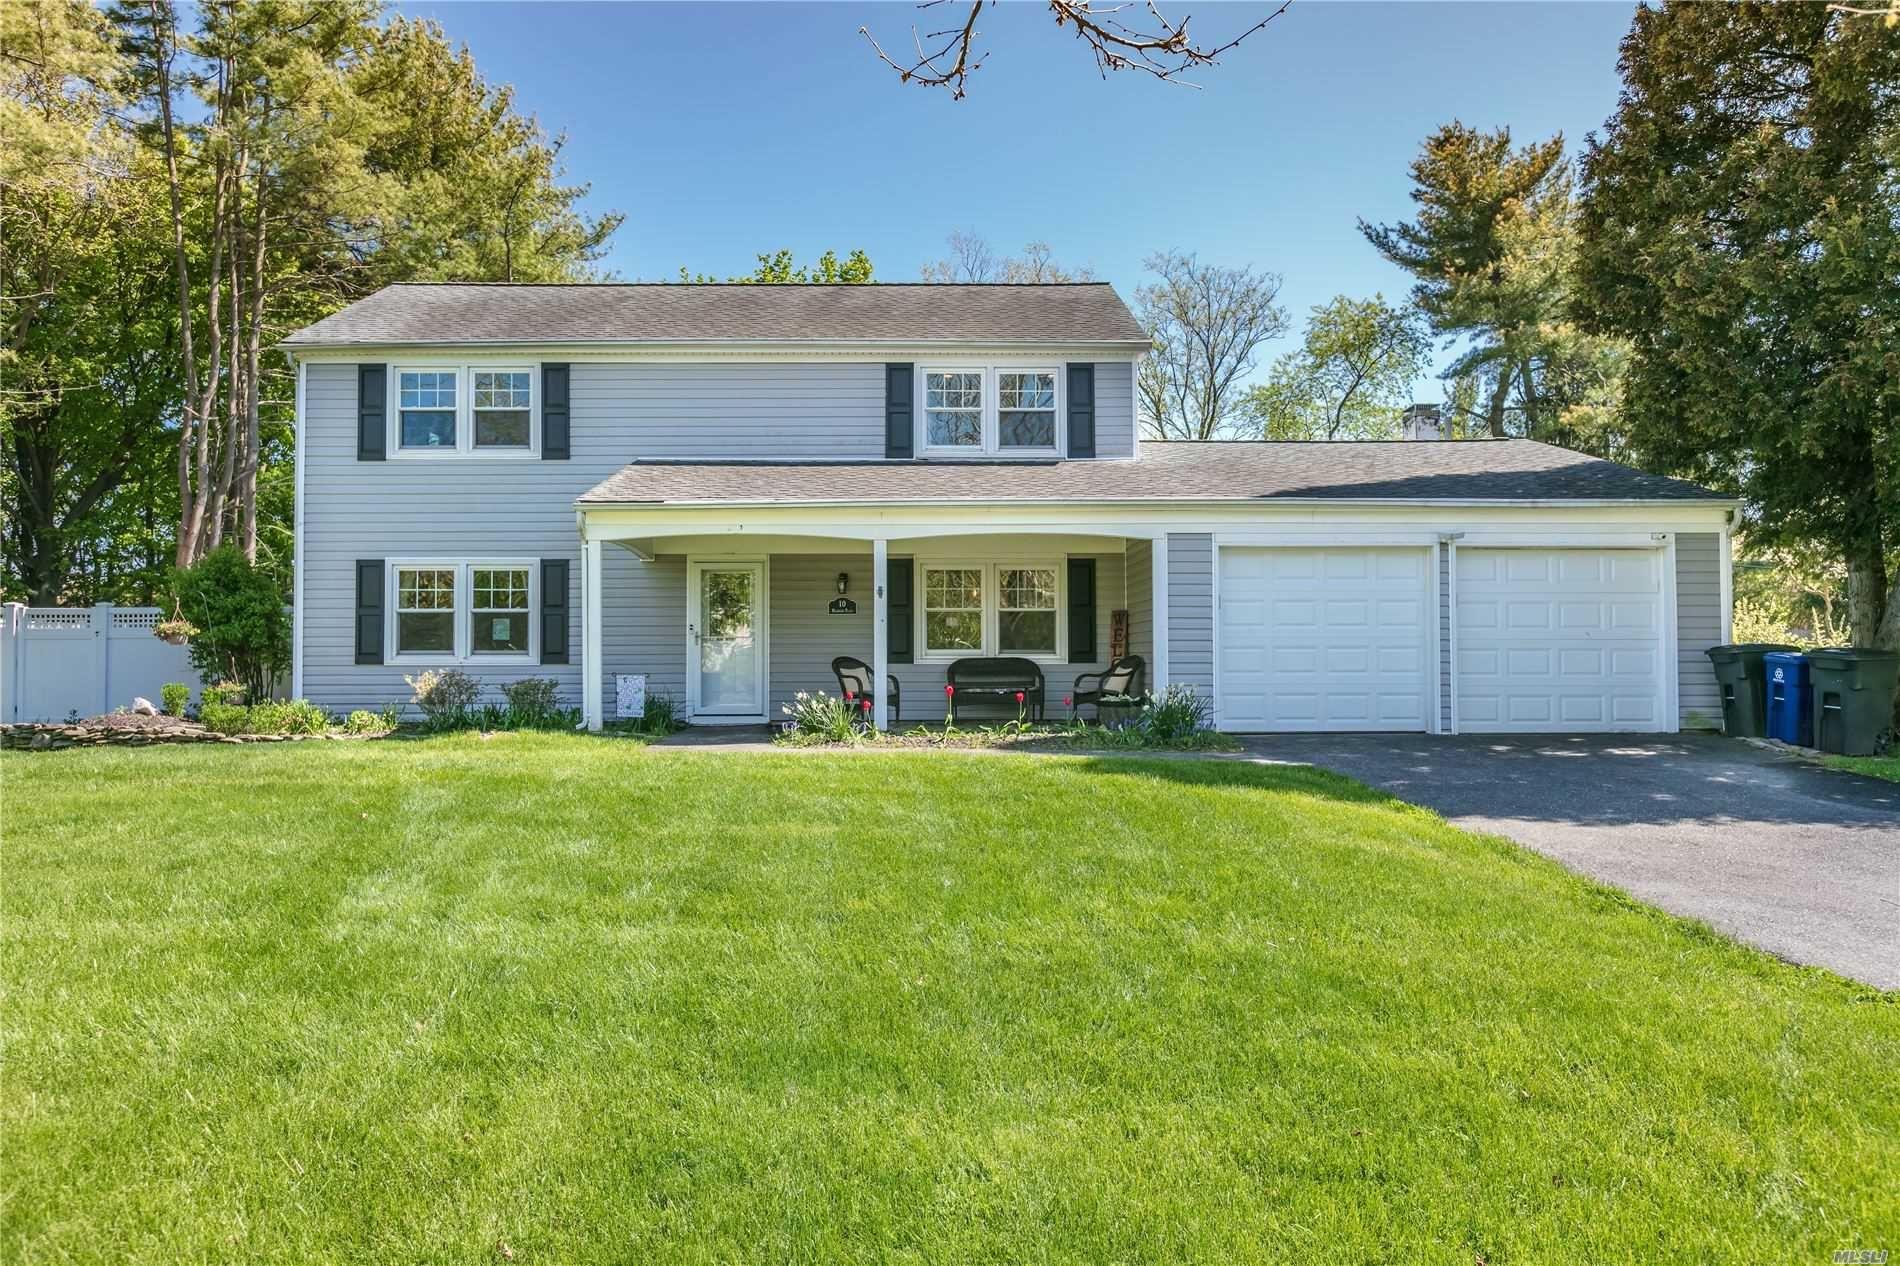 10 Marwood Pl, Stony Brook, NY 11790 - MLS#: 3215222